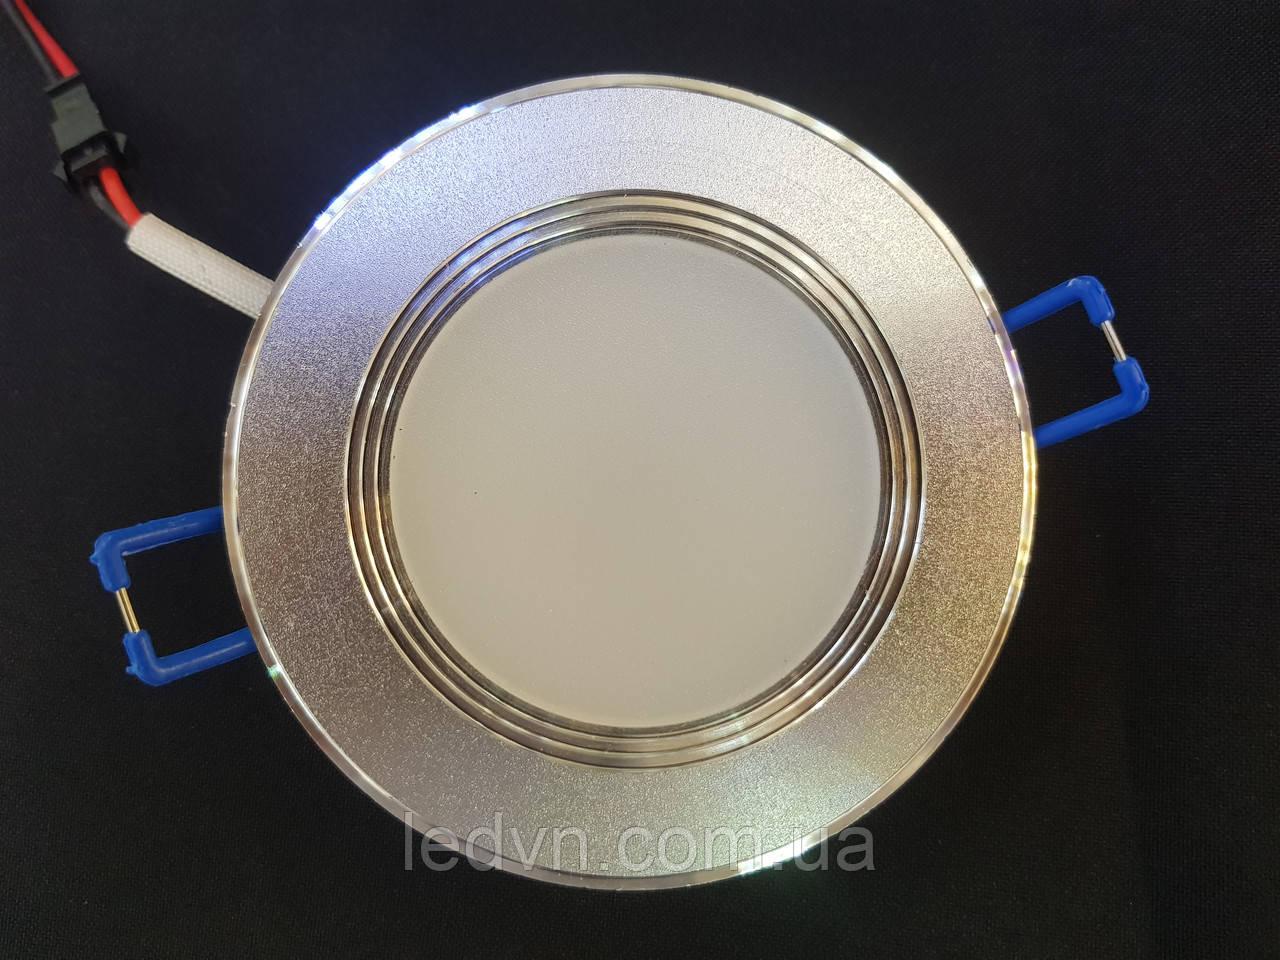 Декоративний врізний точковий світильник 5w